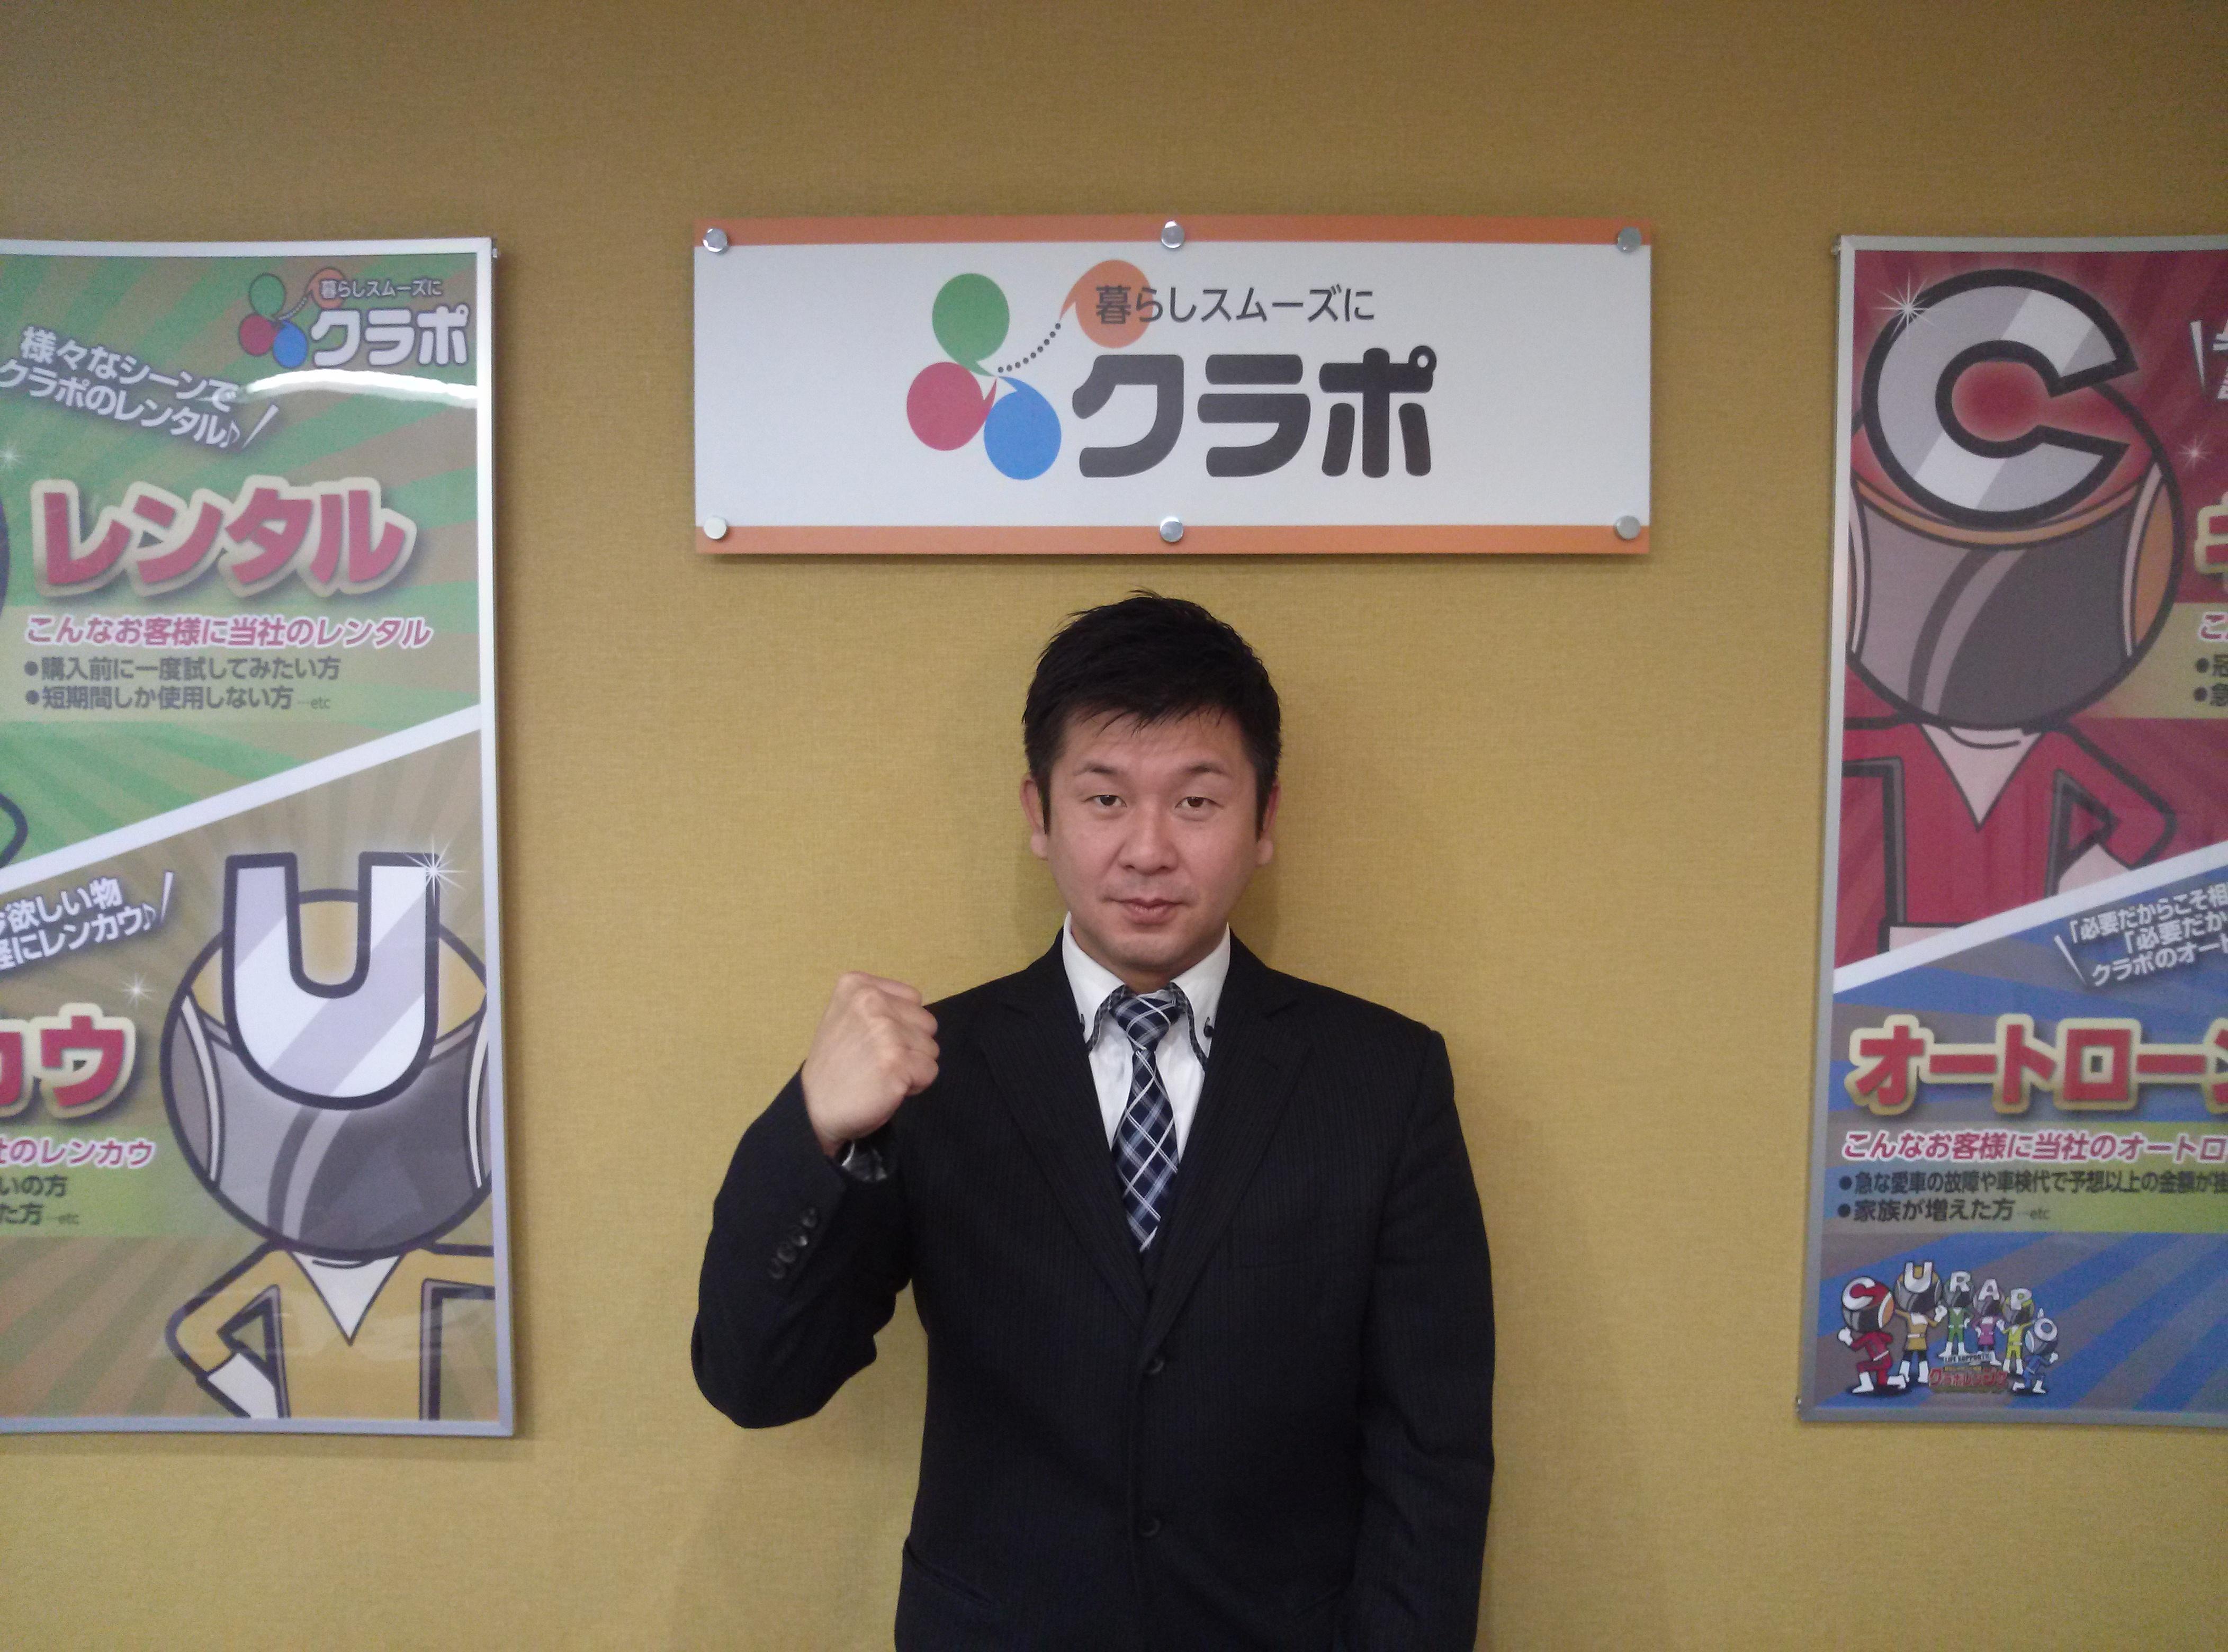 クラポ札幌本店個人写真